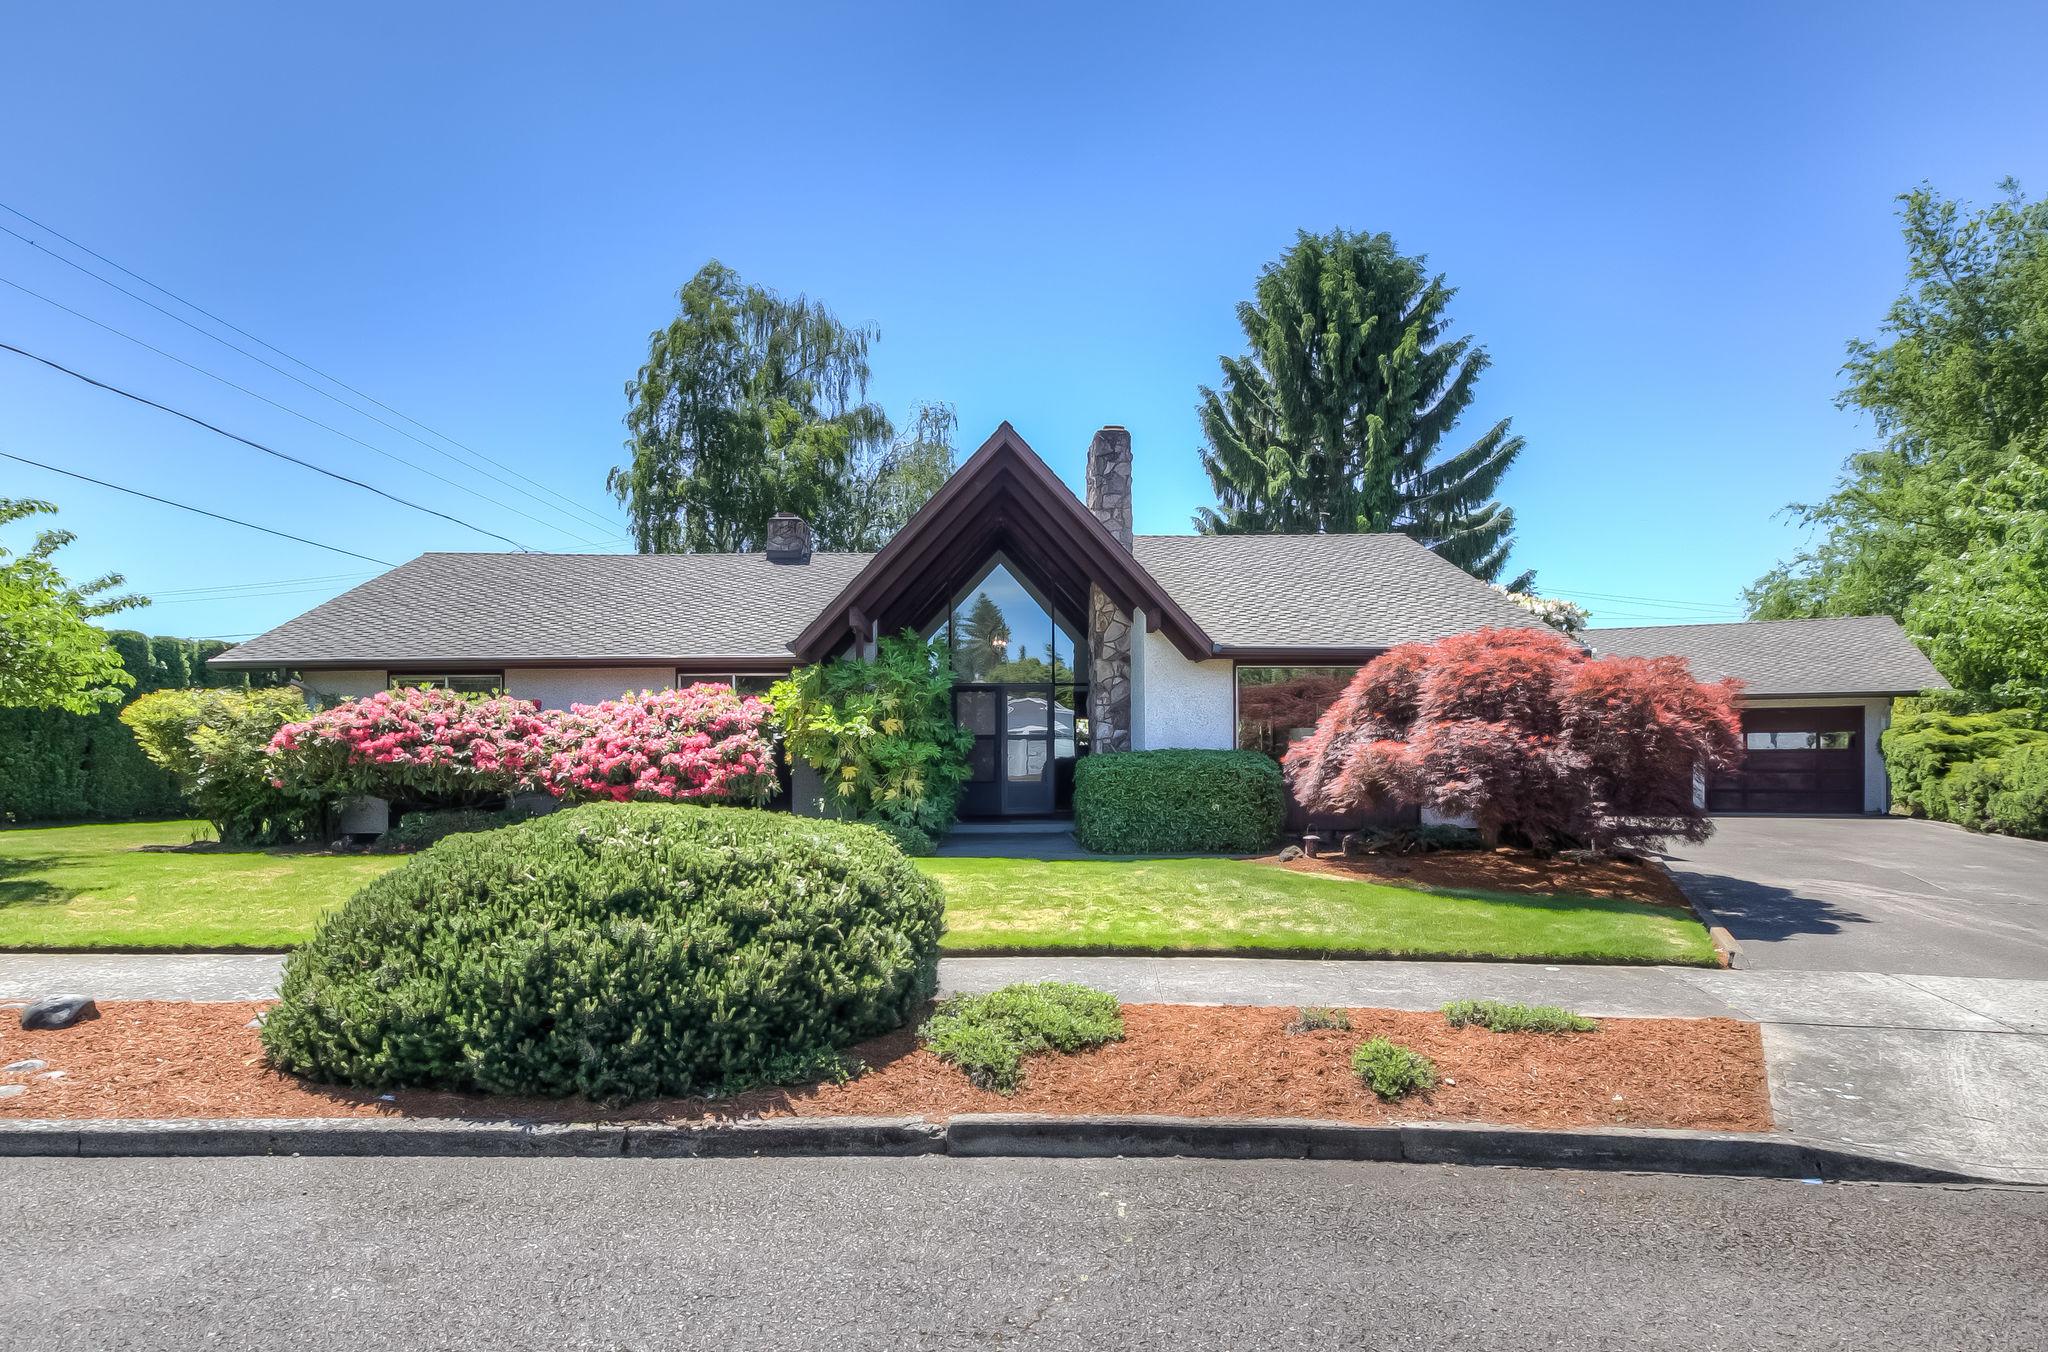 Keizer Oregon Real Estate For Sale: 6271 11th Ave NE Keizer OR 97303